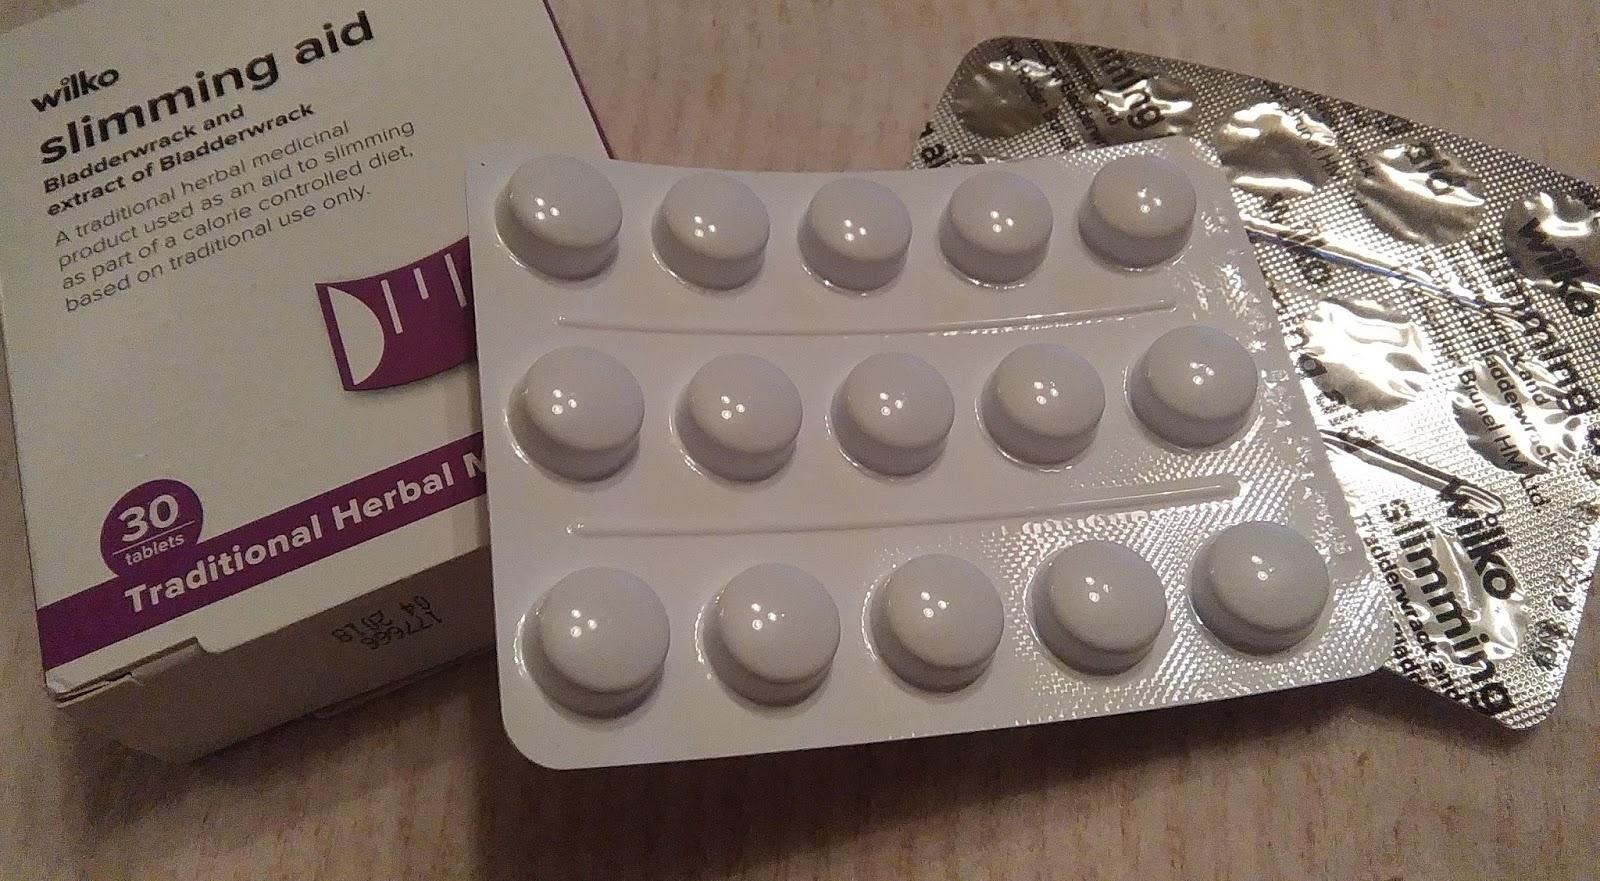 slimming aid wilko)